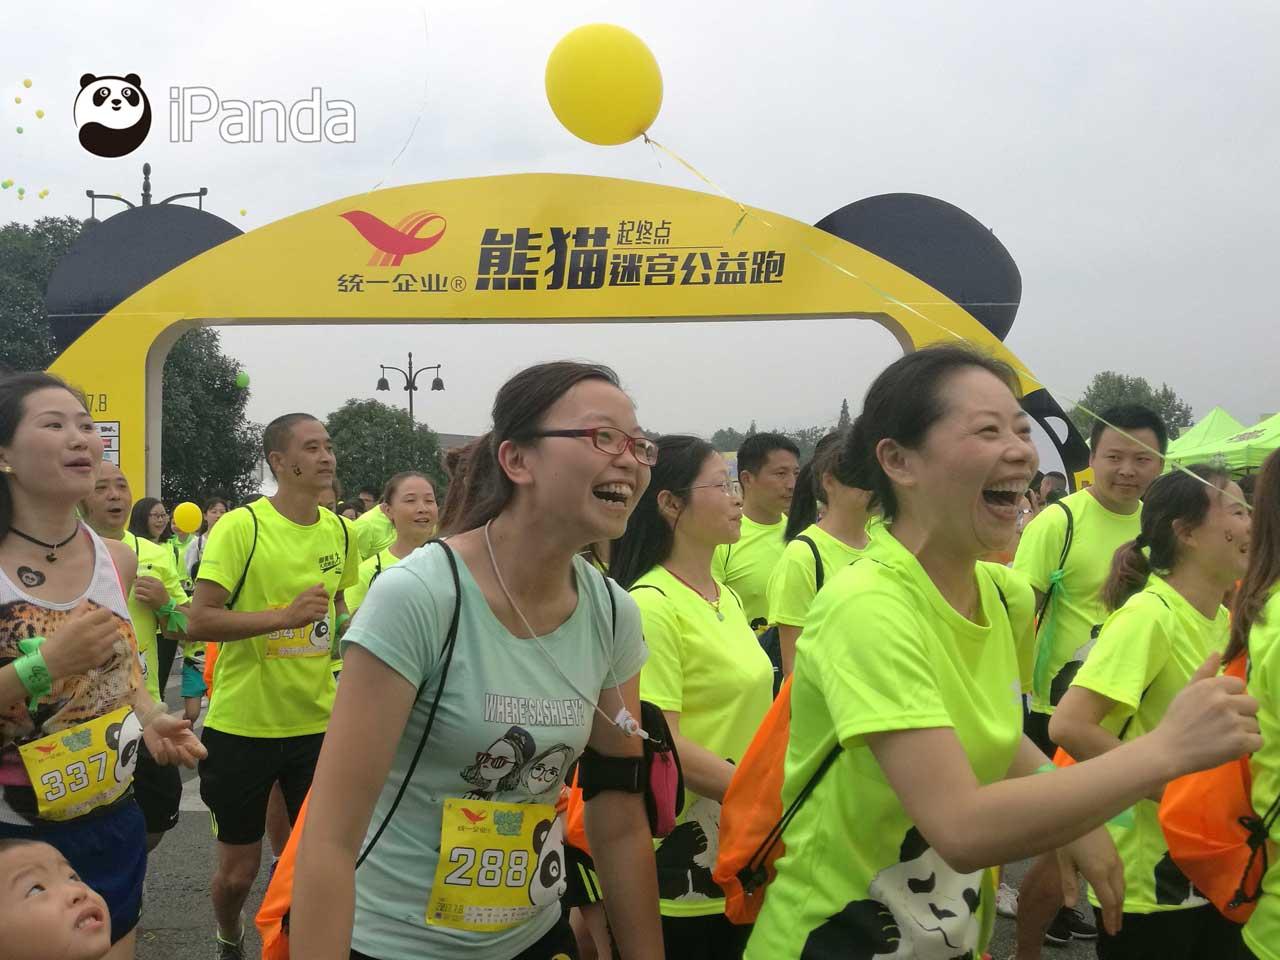 熊猫公益跑活动